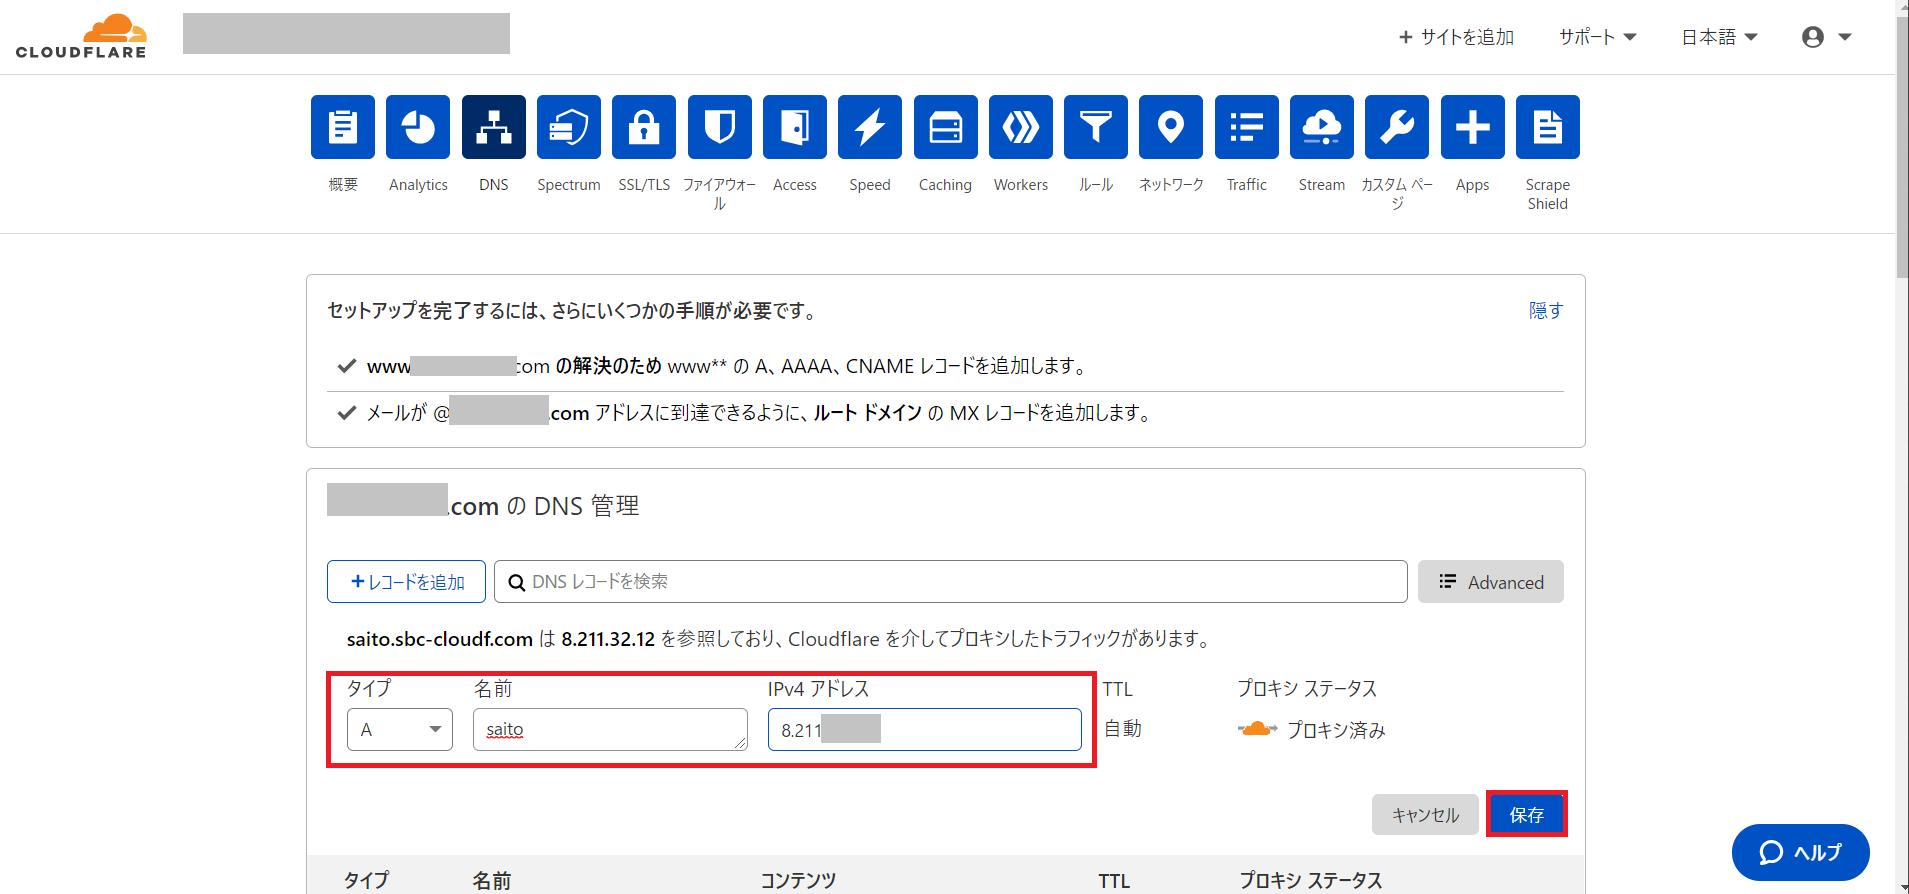 f:id:sbc_saito:20210524175754p:plain